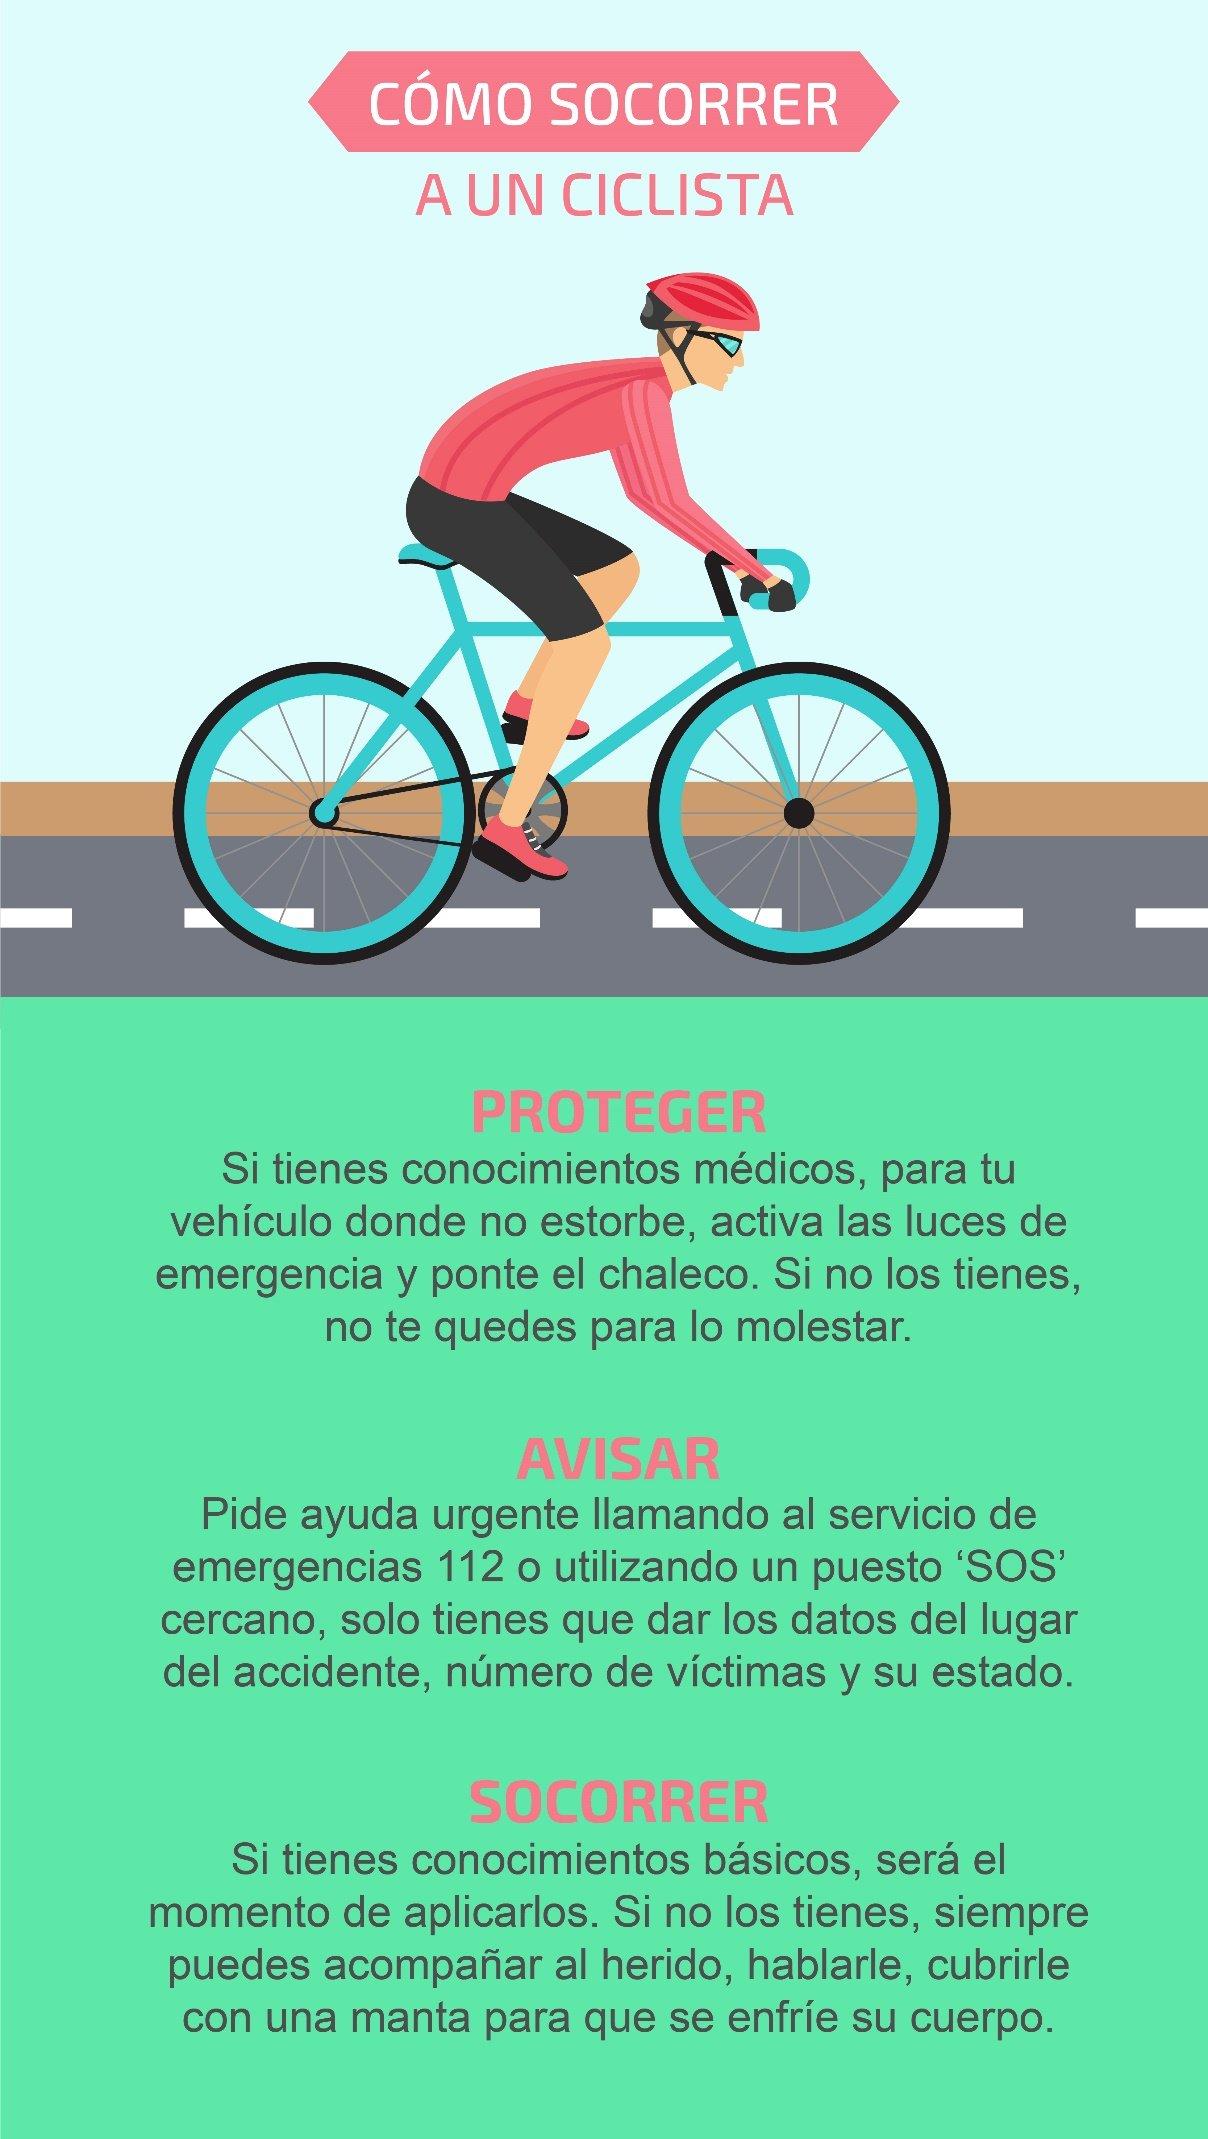 Cómo socorrer a un ciclista